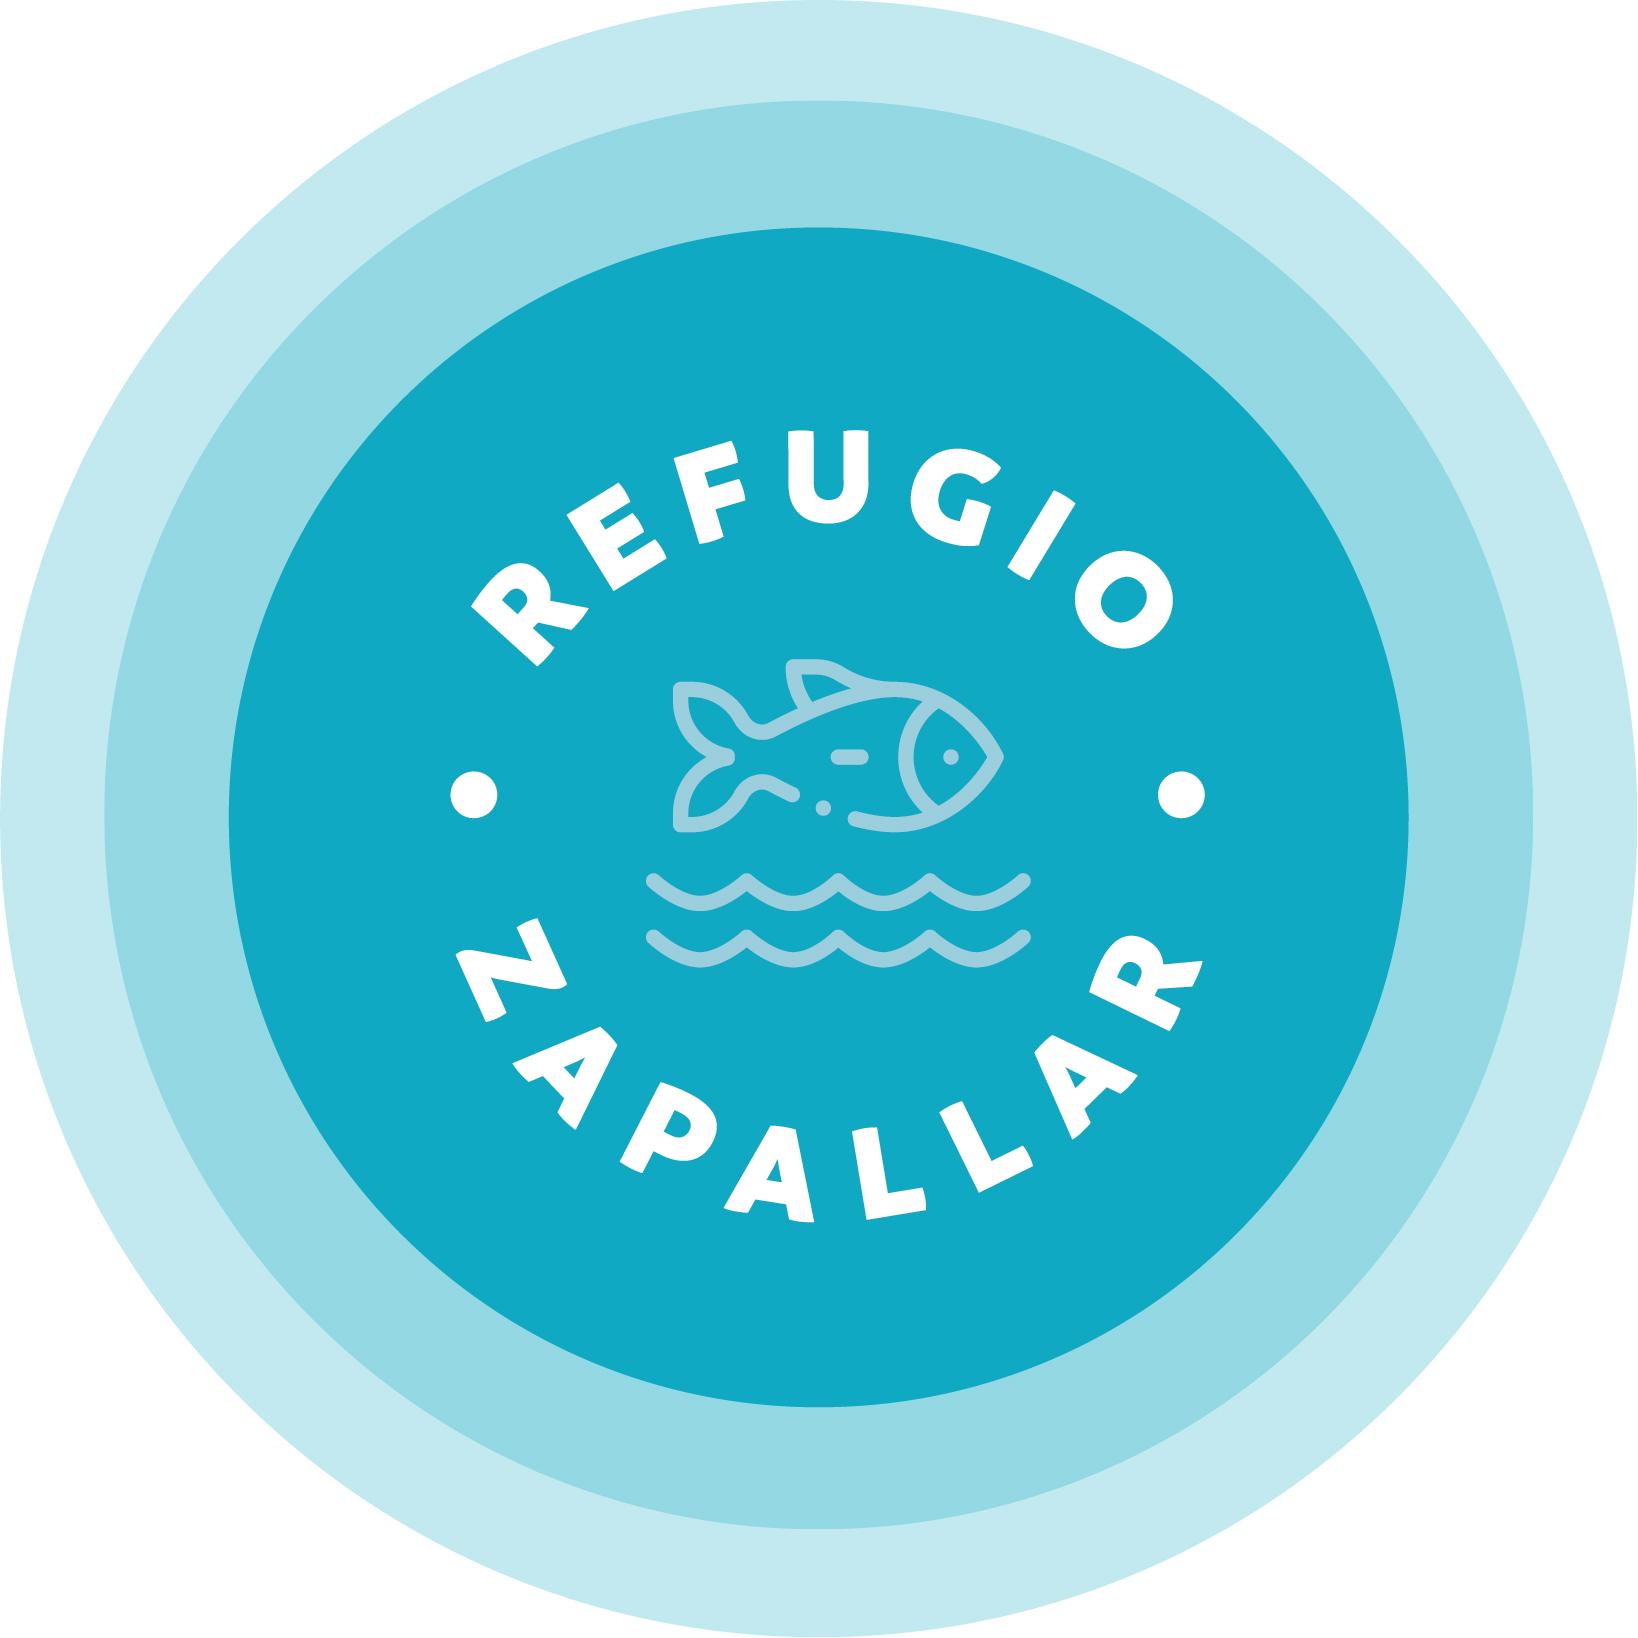 Logo refugio zapallar